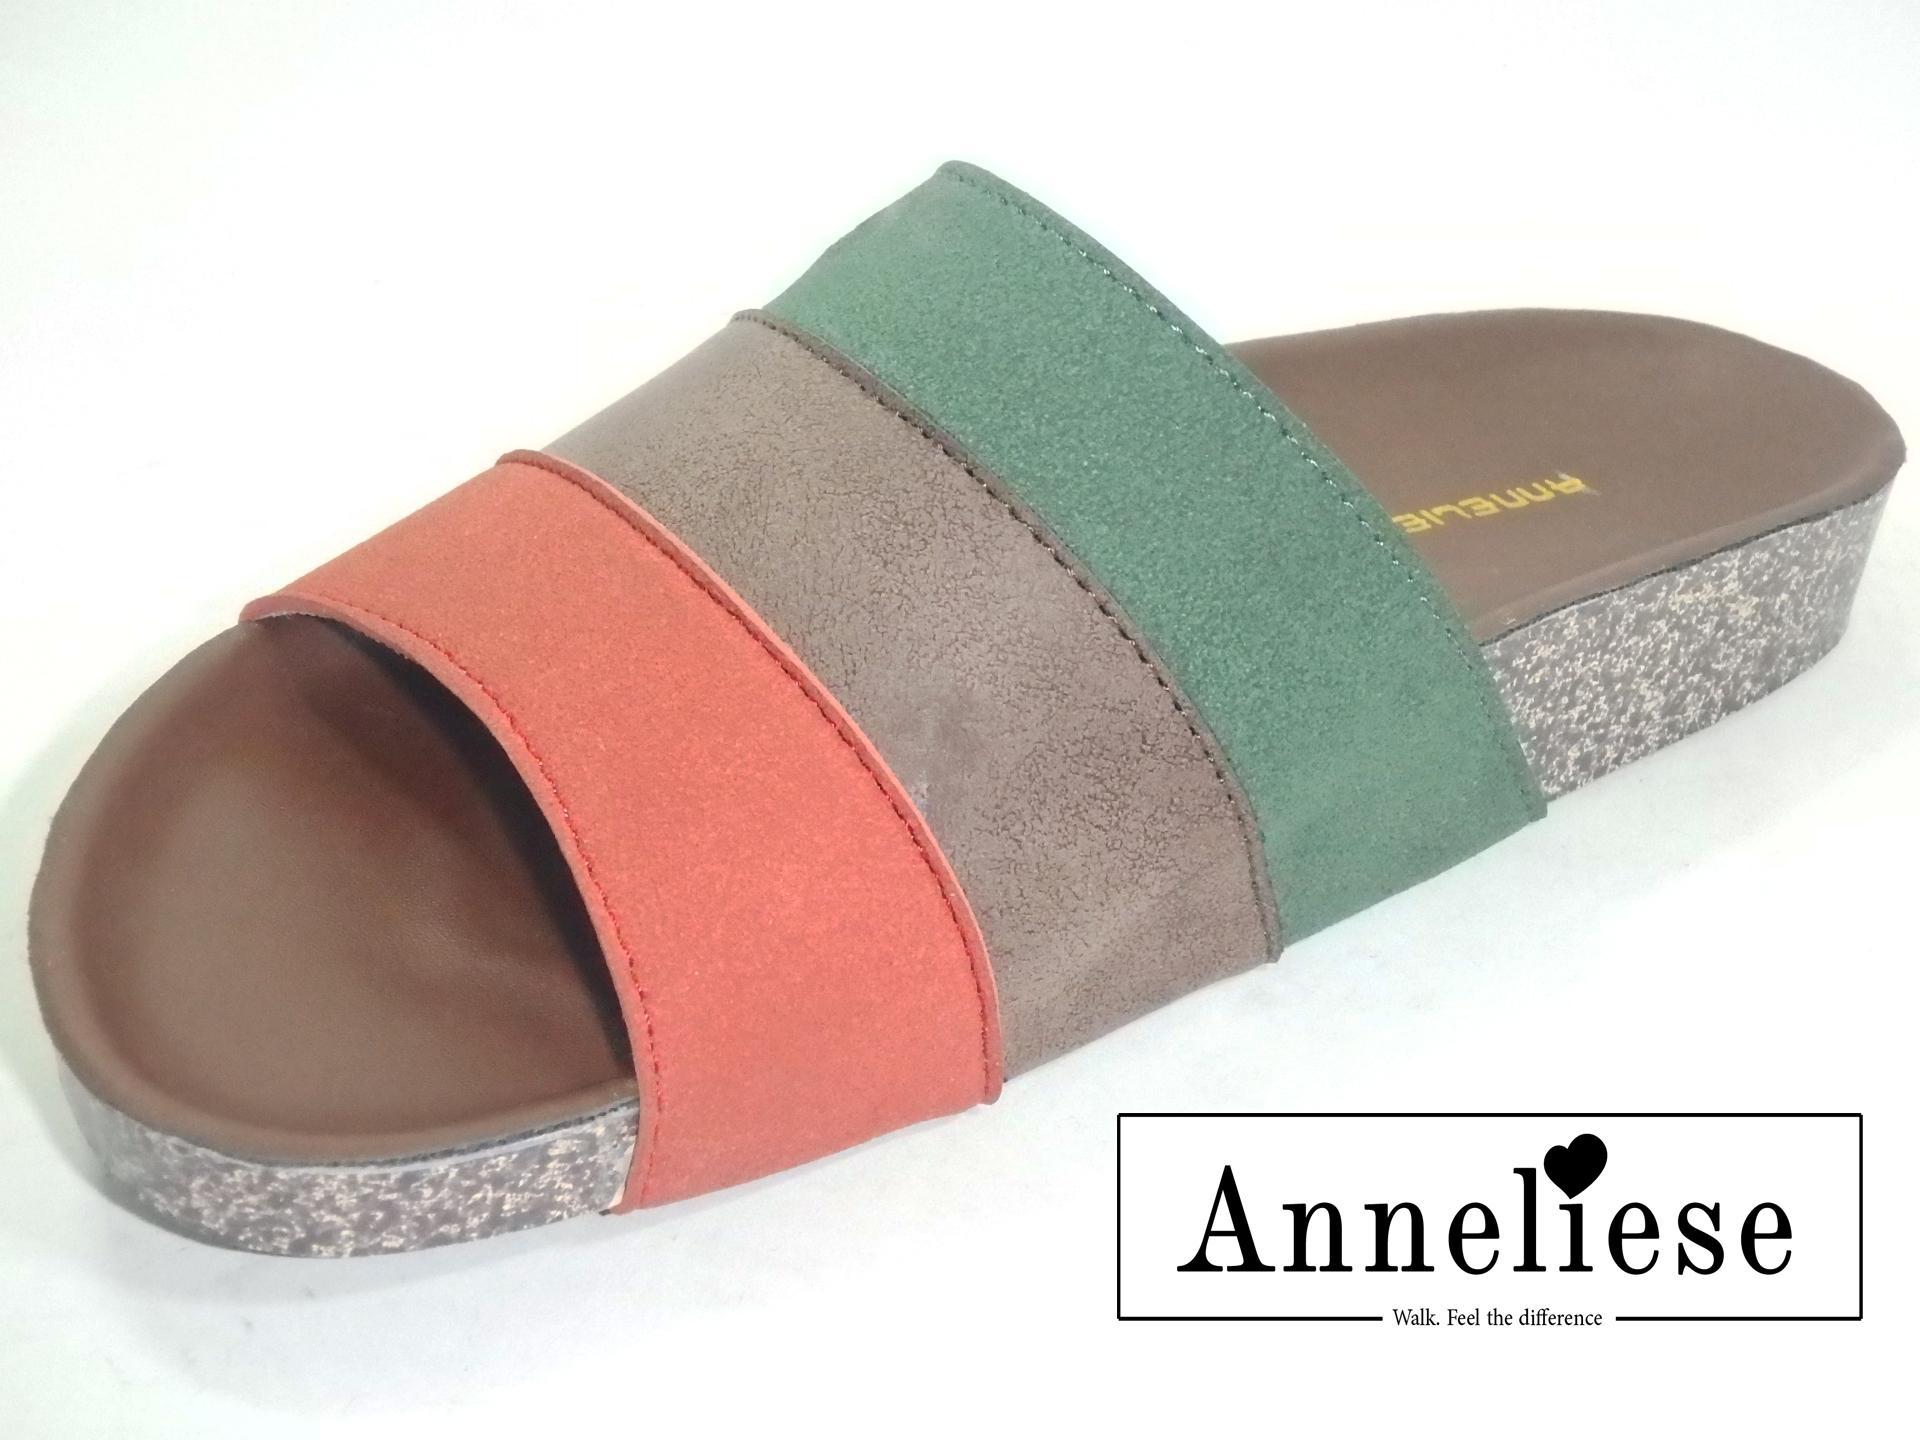 Jual Sandal Flat Wanita Terbaru Koleksi Pria Warna Coklat Bahan Synth Anneliese Sepatu Kokop Megan